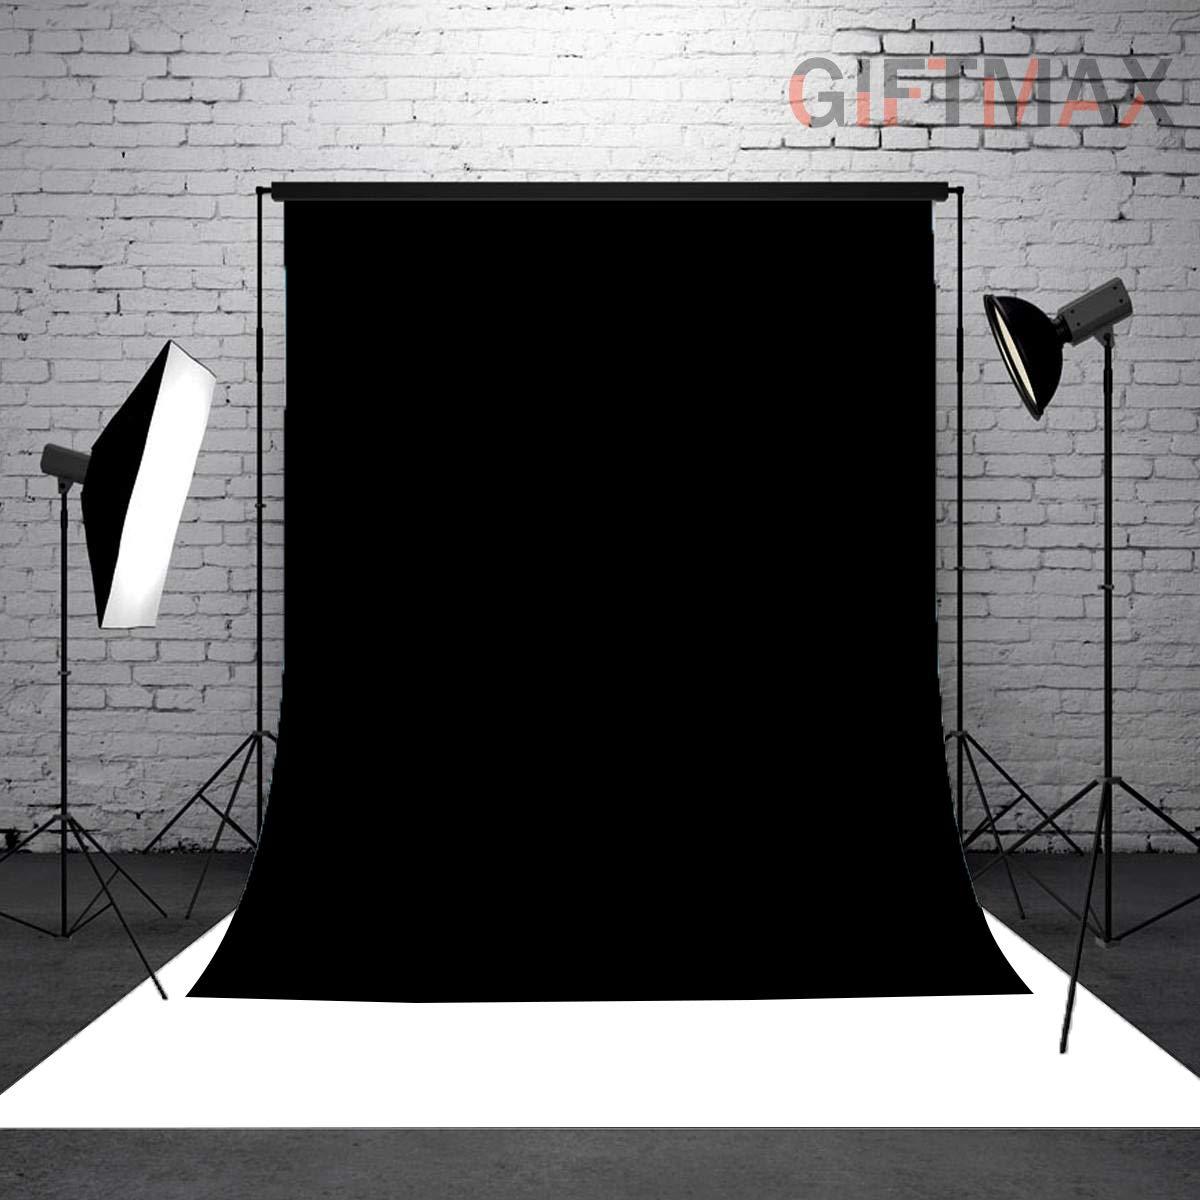 Giftmax 8 X10 Ft Lekera Backdrop Photo Light Studio Amazon In Electronics